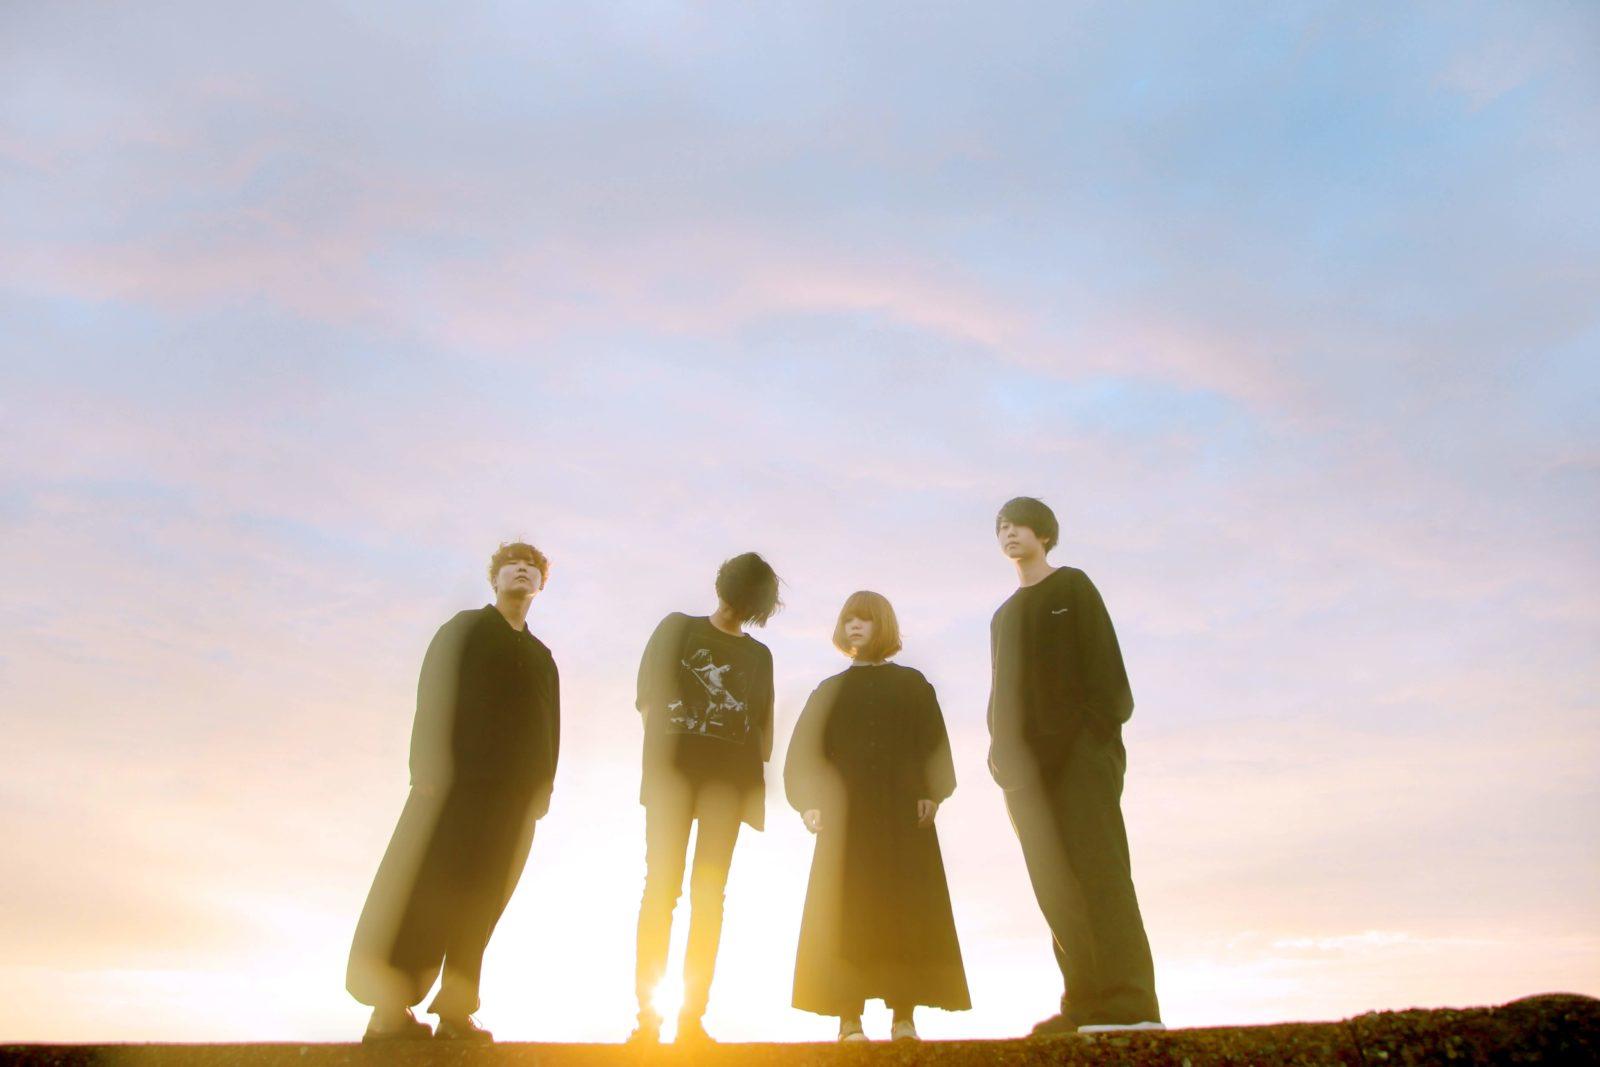 福岡の超新星バンド・クレナズム、夏の夕暮れにぴったりな「いつかの今頃」をサブスク解禁サムネイル画像